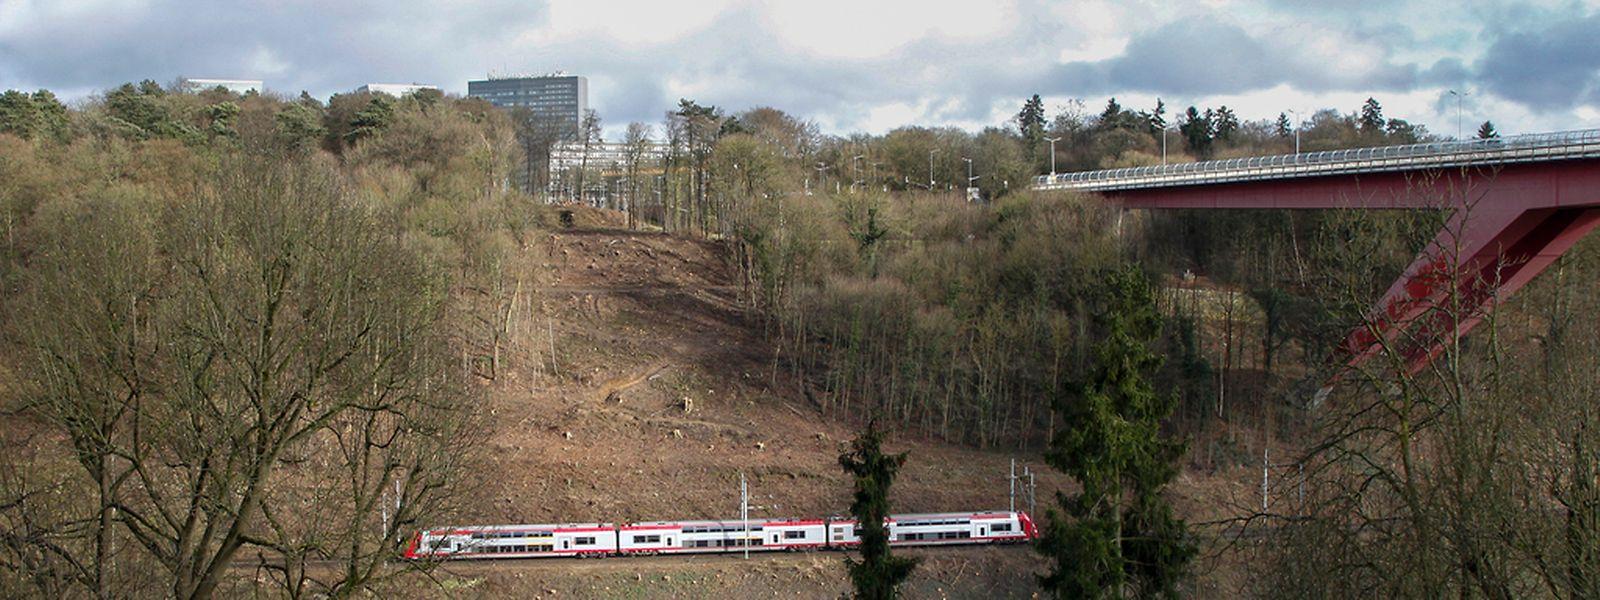 Auf einer Fläche von 1,5 Hektar wurden im Hinblick auf die Großbaustelle Bäume gerodet. Zum Ausgleich werden in der Gemeinde Roeser auf einem Gebiet von 1,4 Hektar neue Bäume geflanzt.